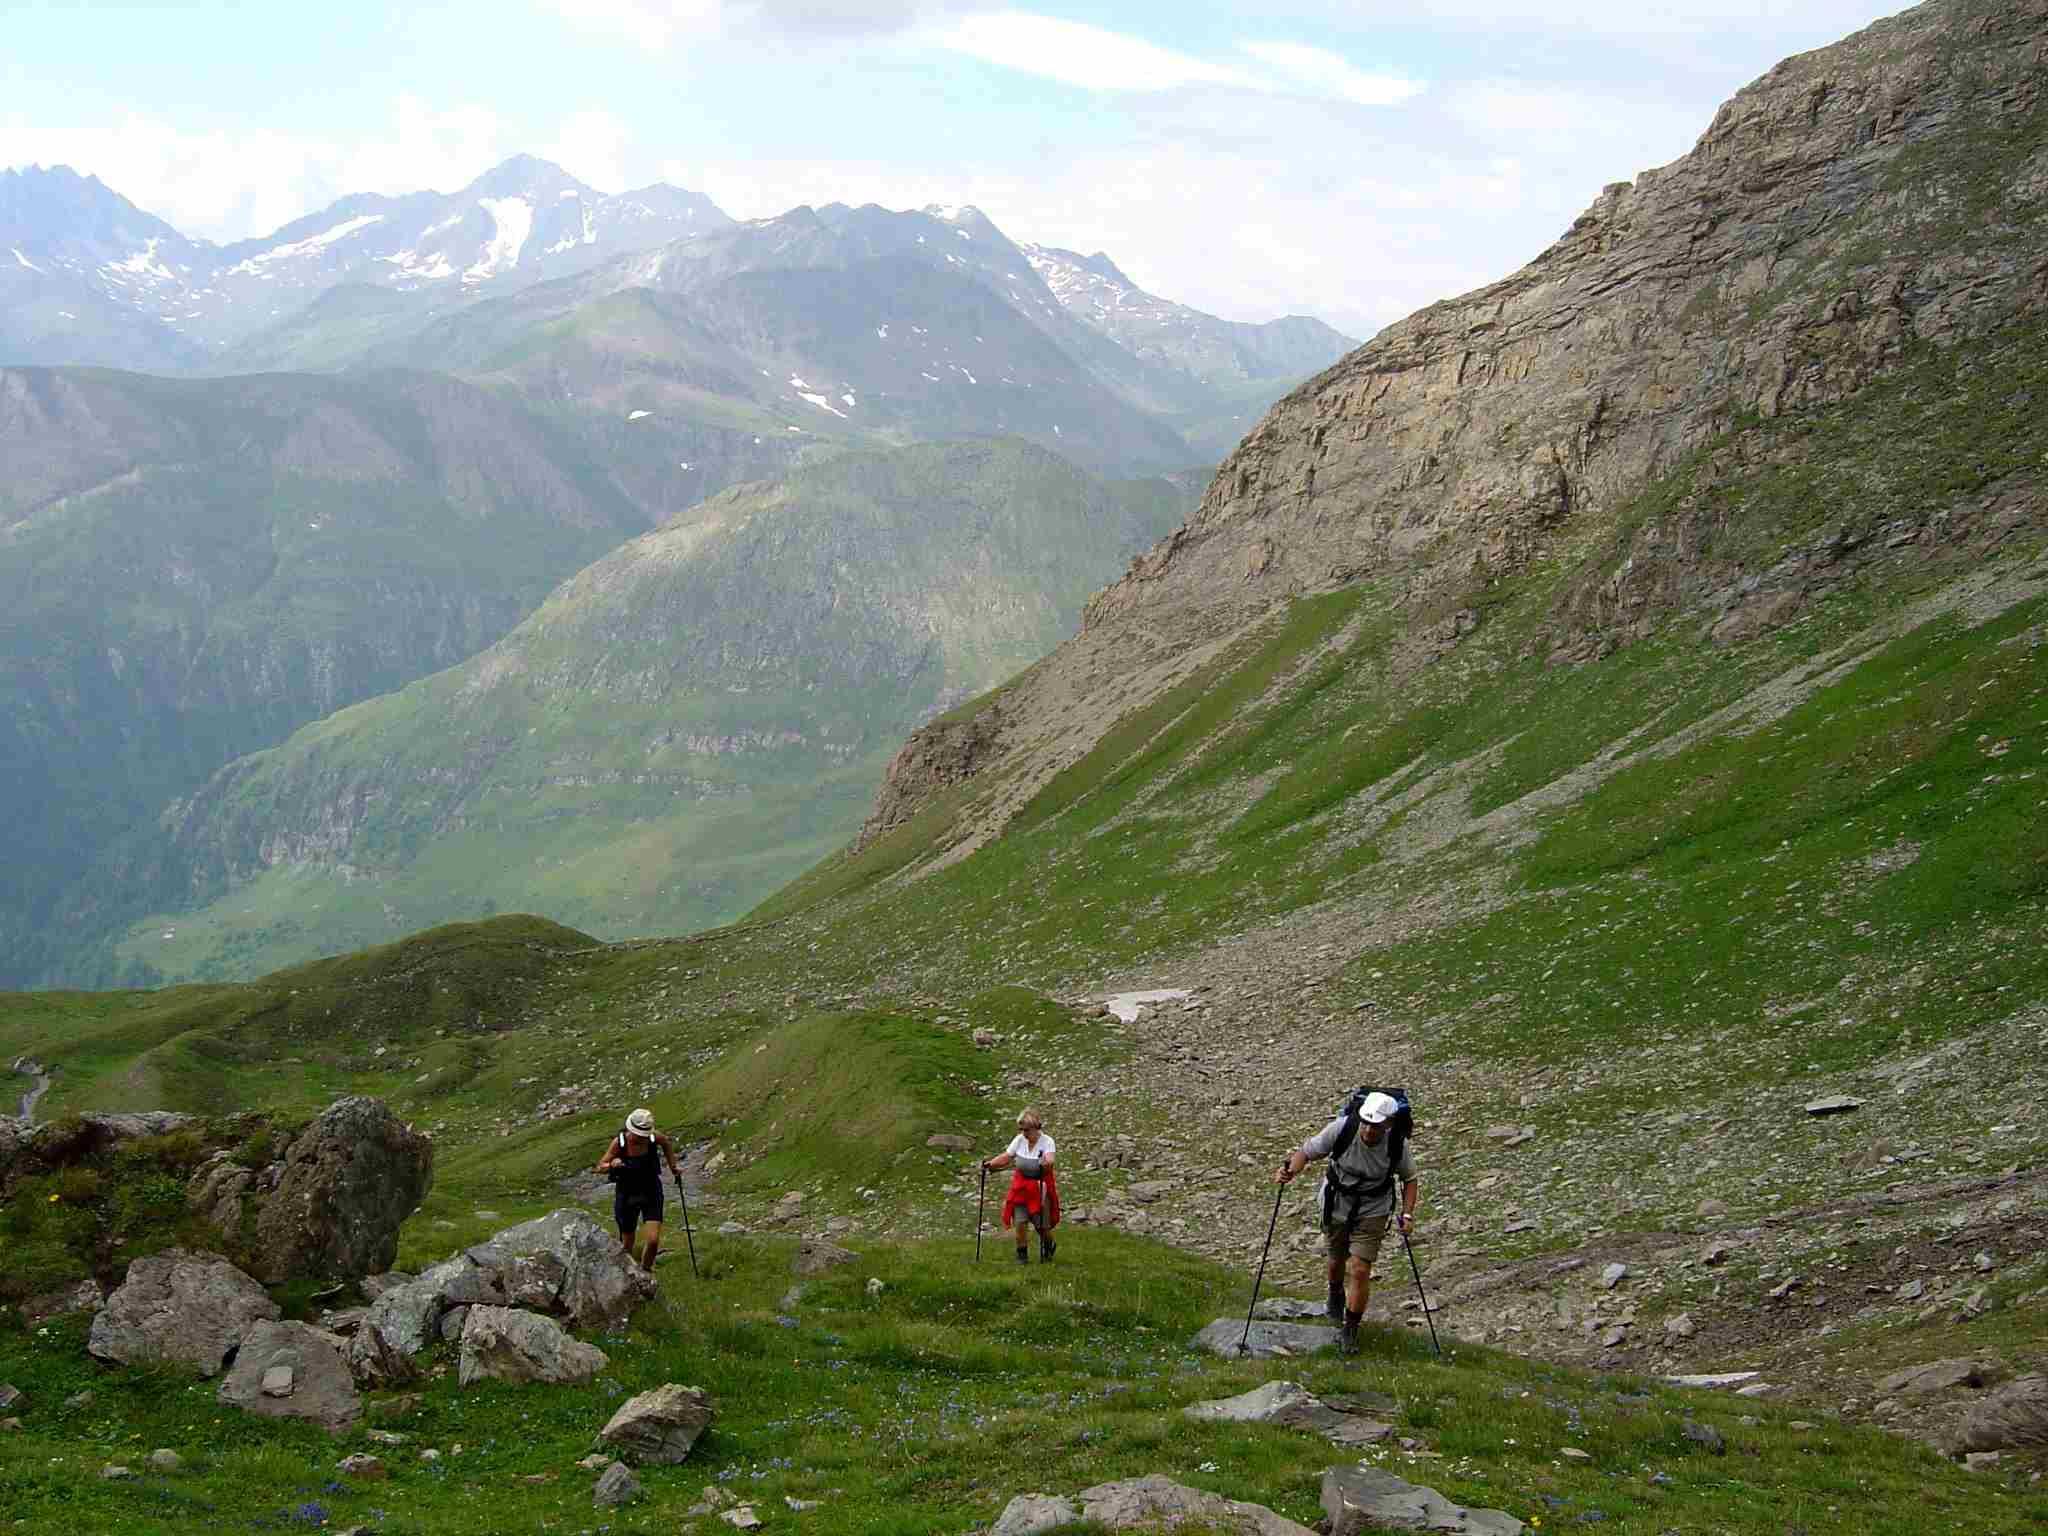 Foto: Manfred Karl / Wander Tour / Über Blumenwiesen auf die Racherin / Vor dem steilsten Teil. / 17.06.2007 06:37:37